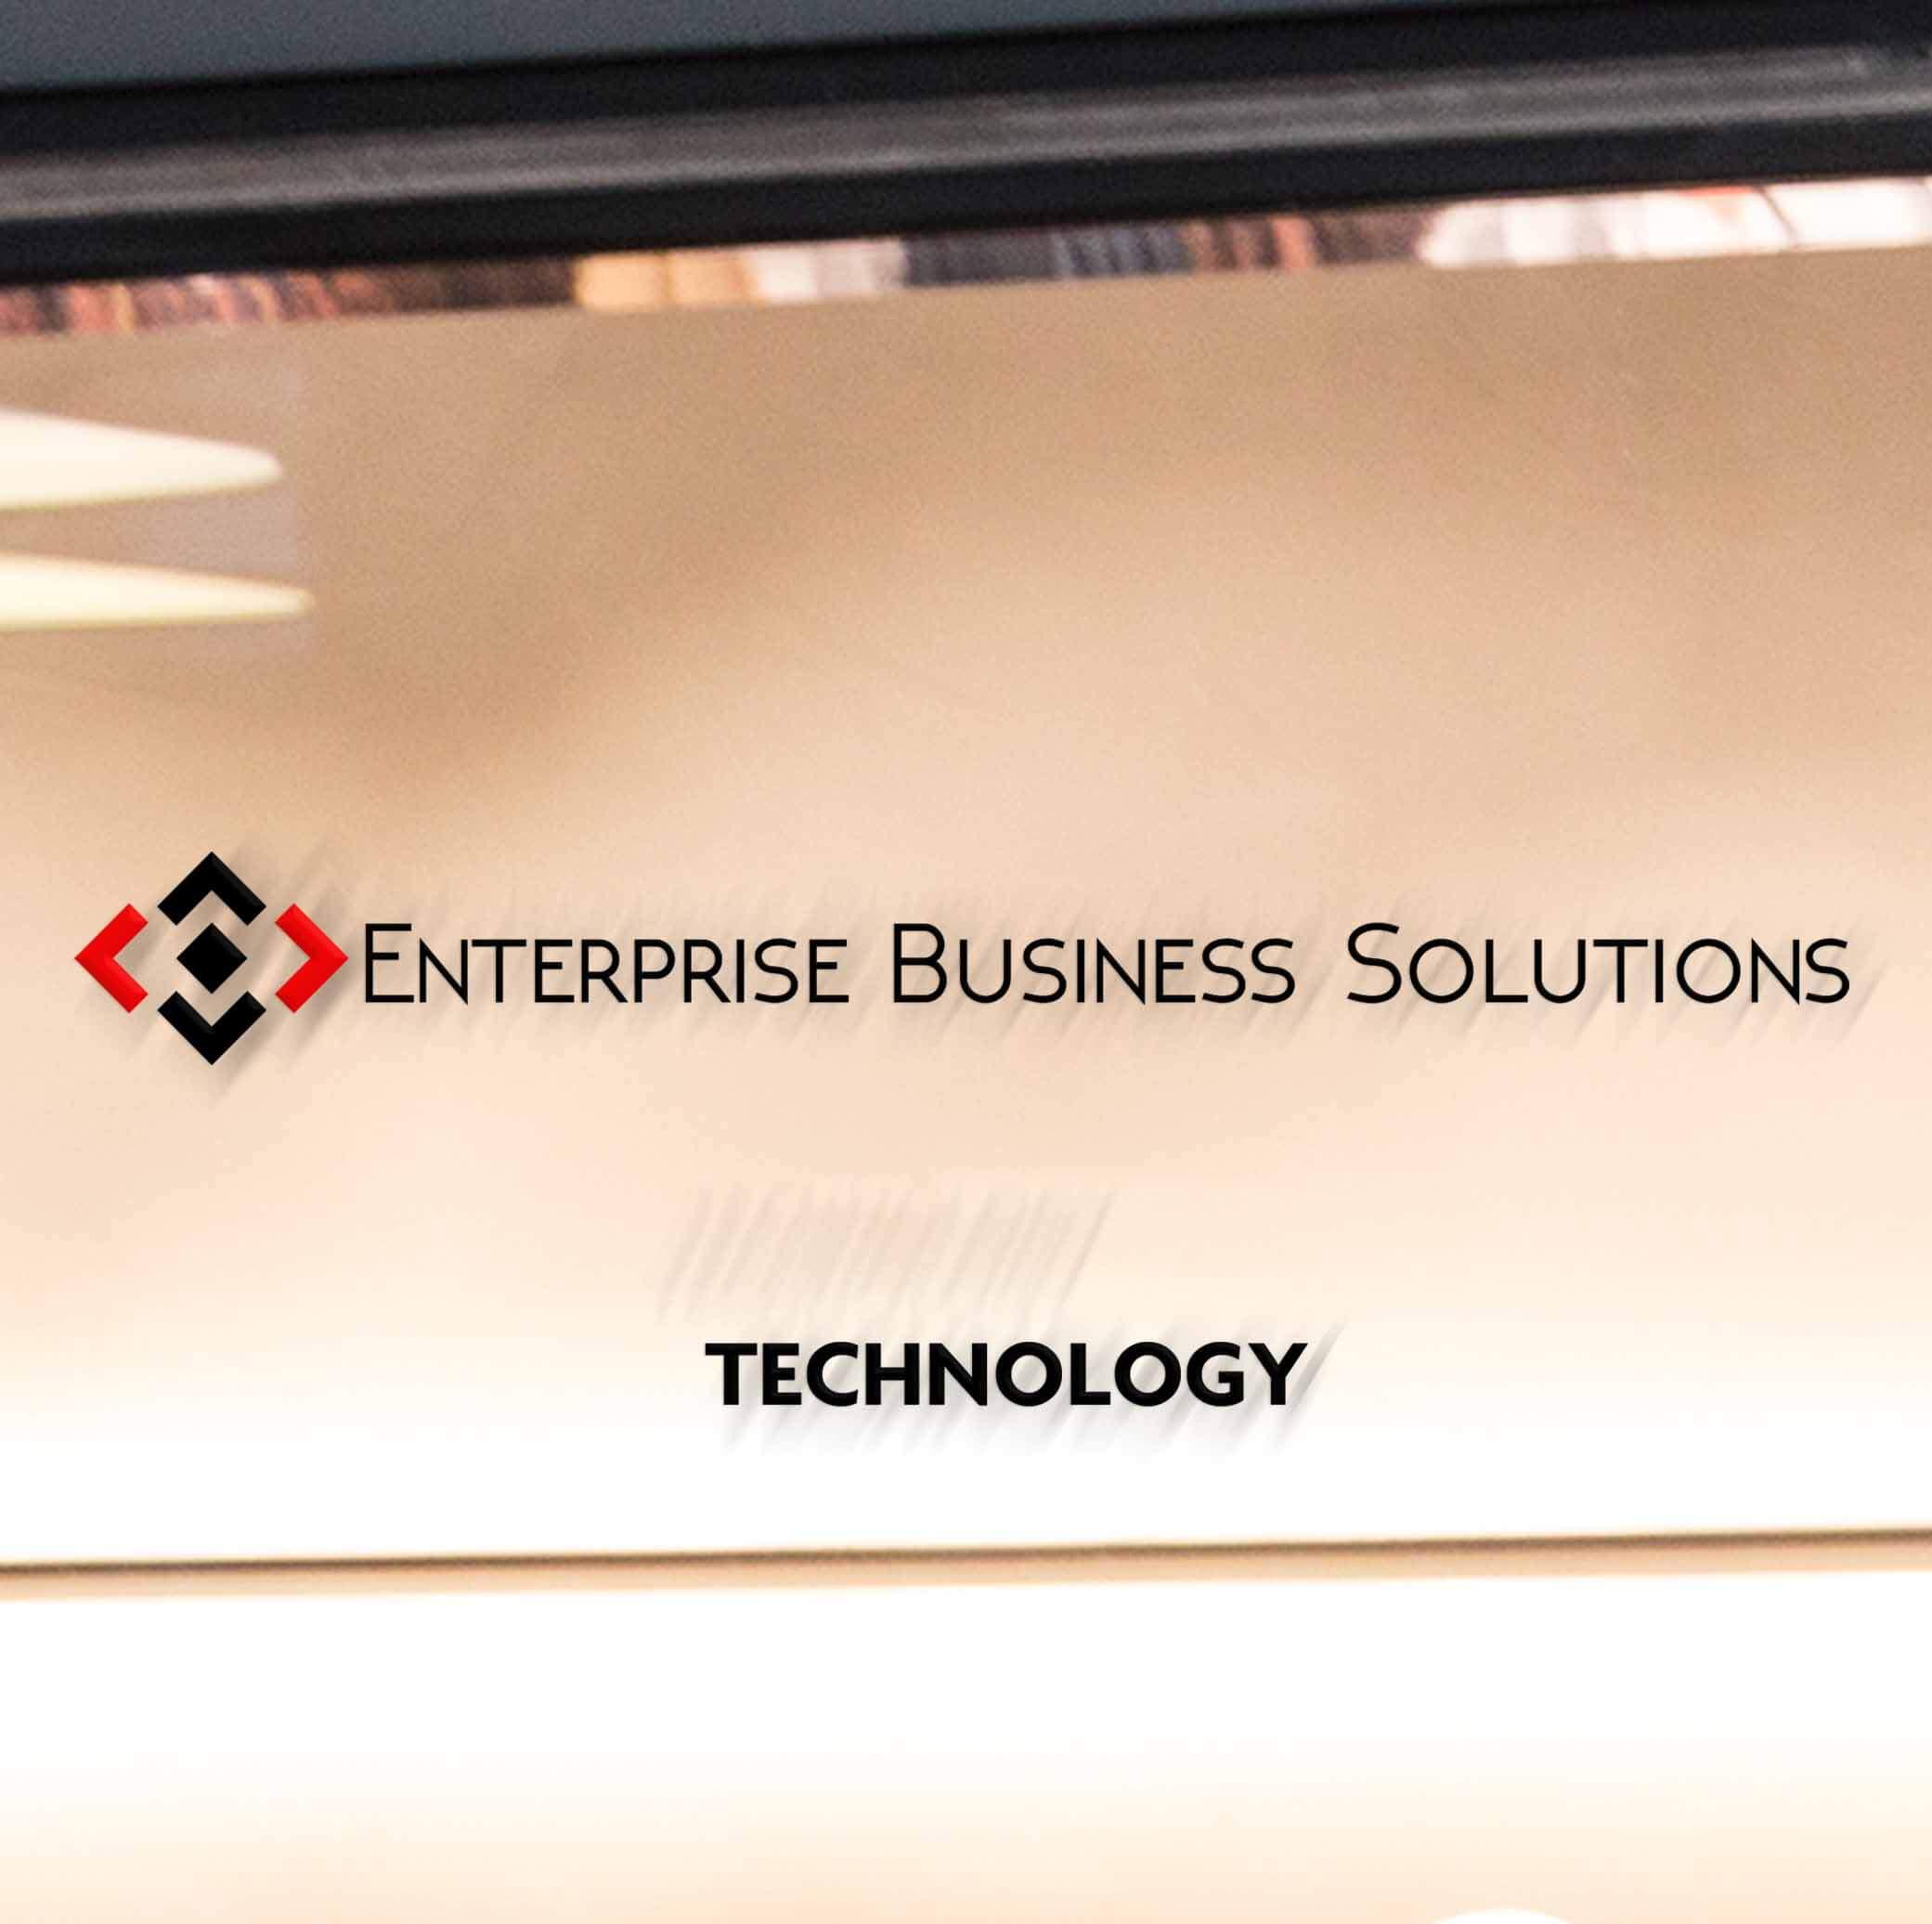 A9-Business-Logo-Design